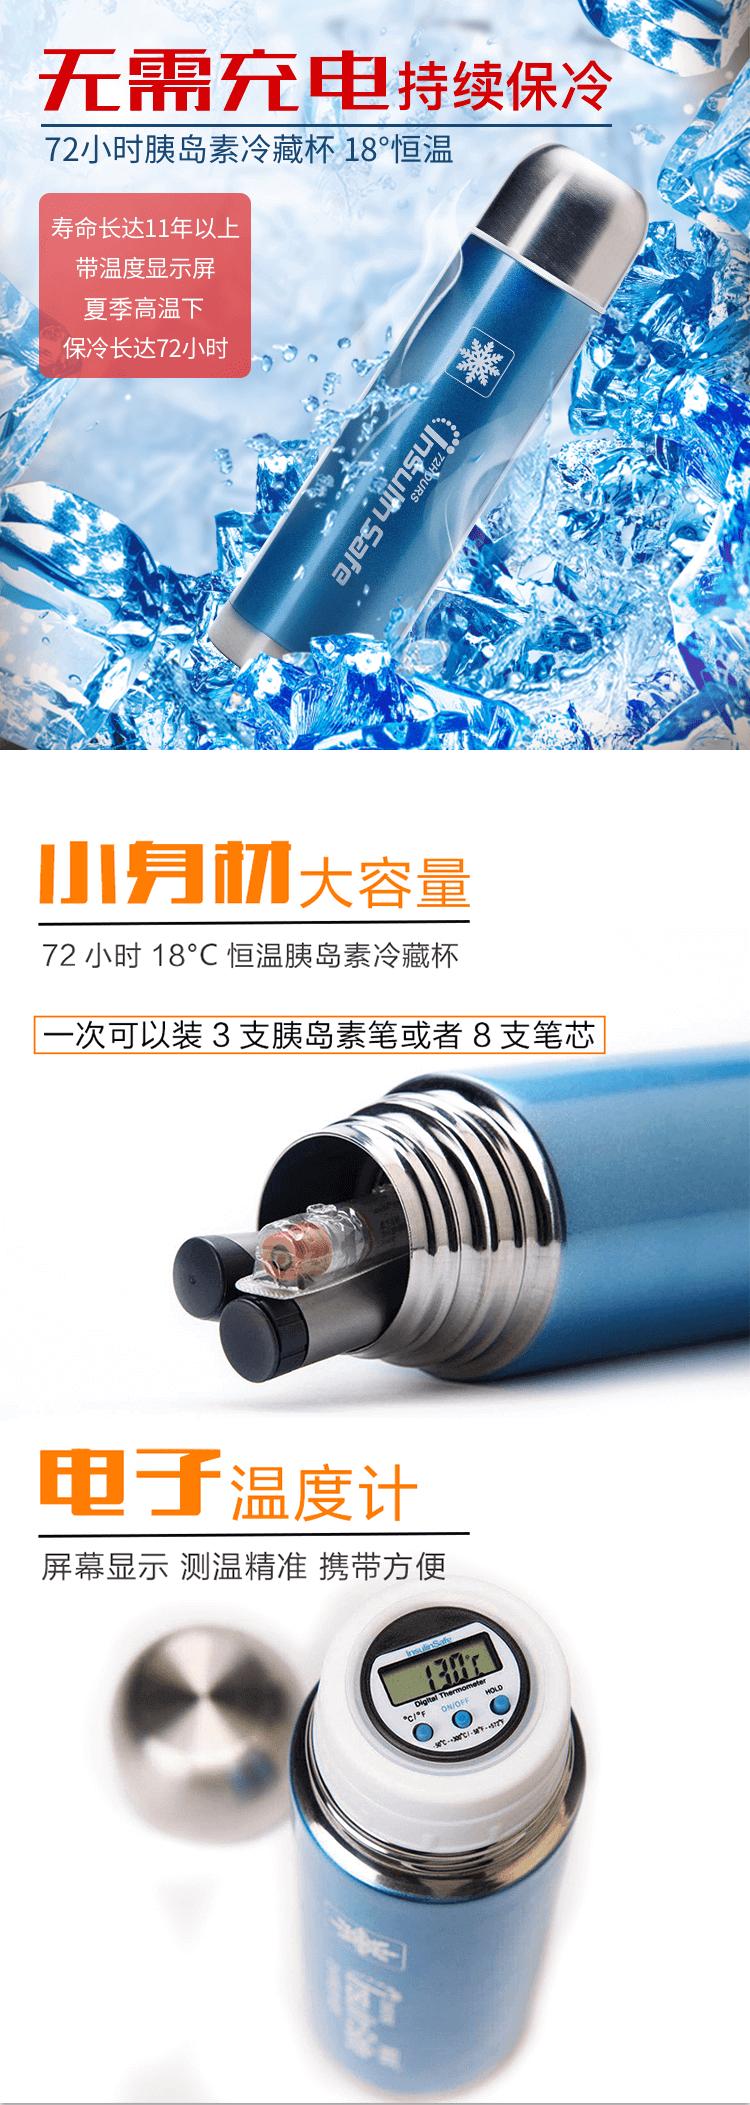 胰岛素冷藏杯72-18详情_01(1)-2.png